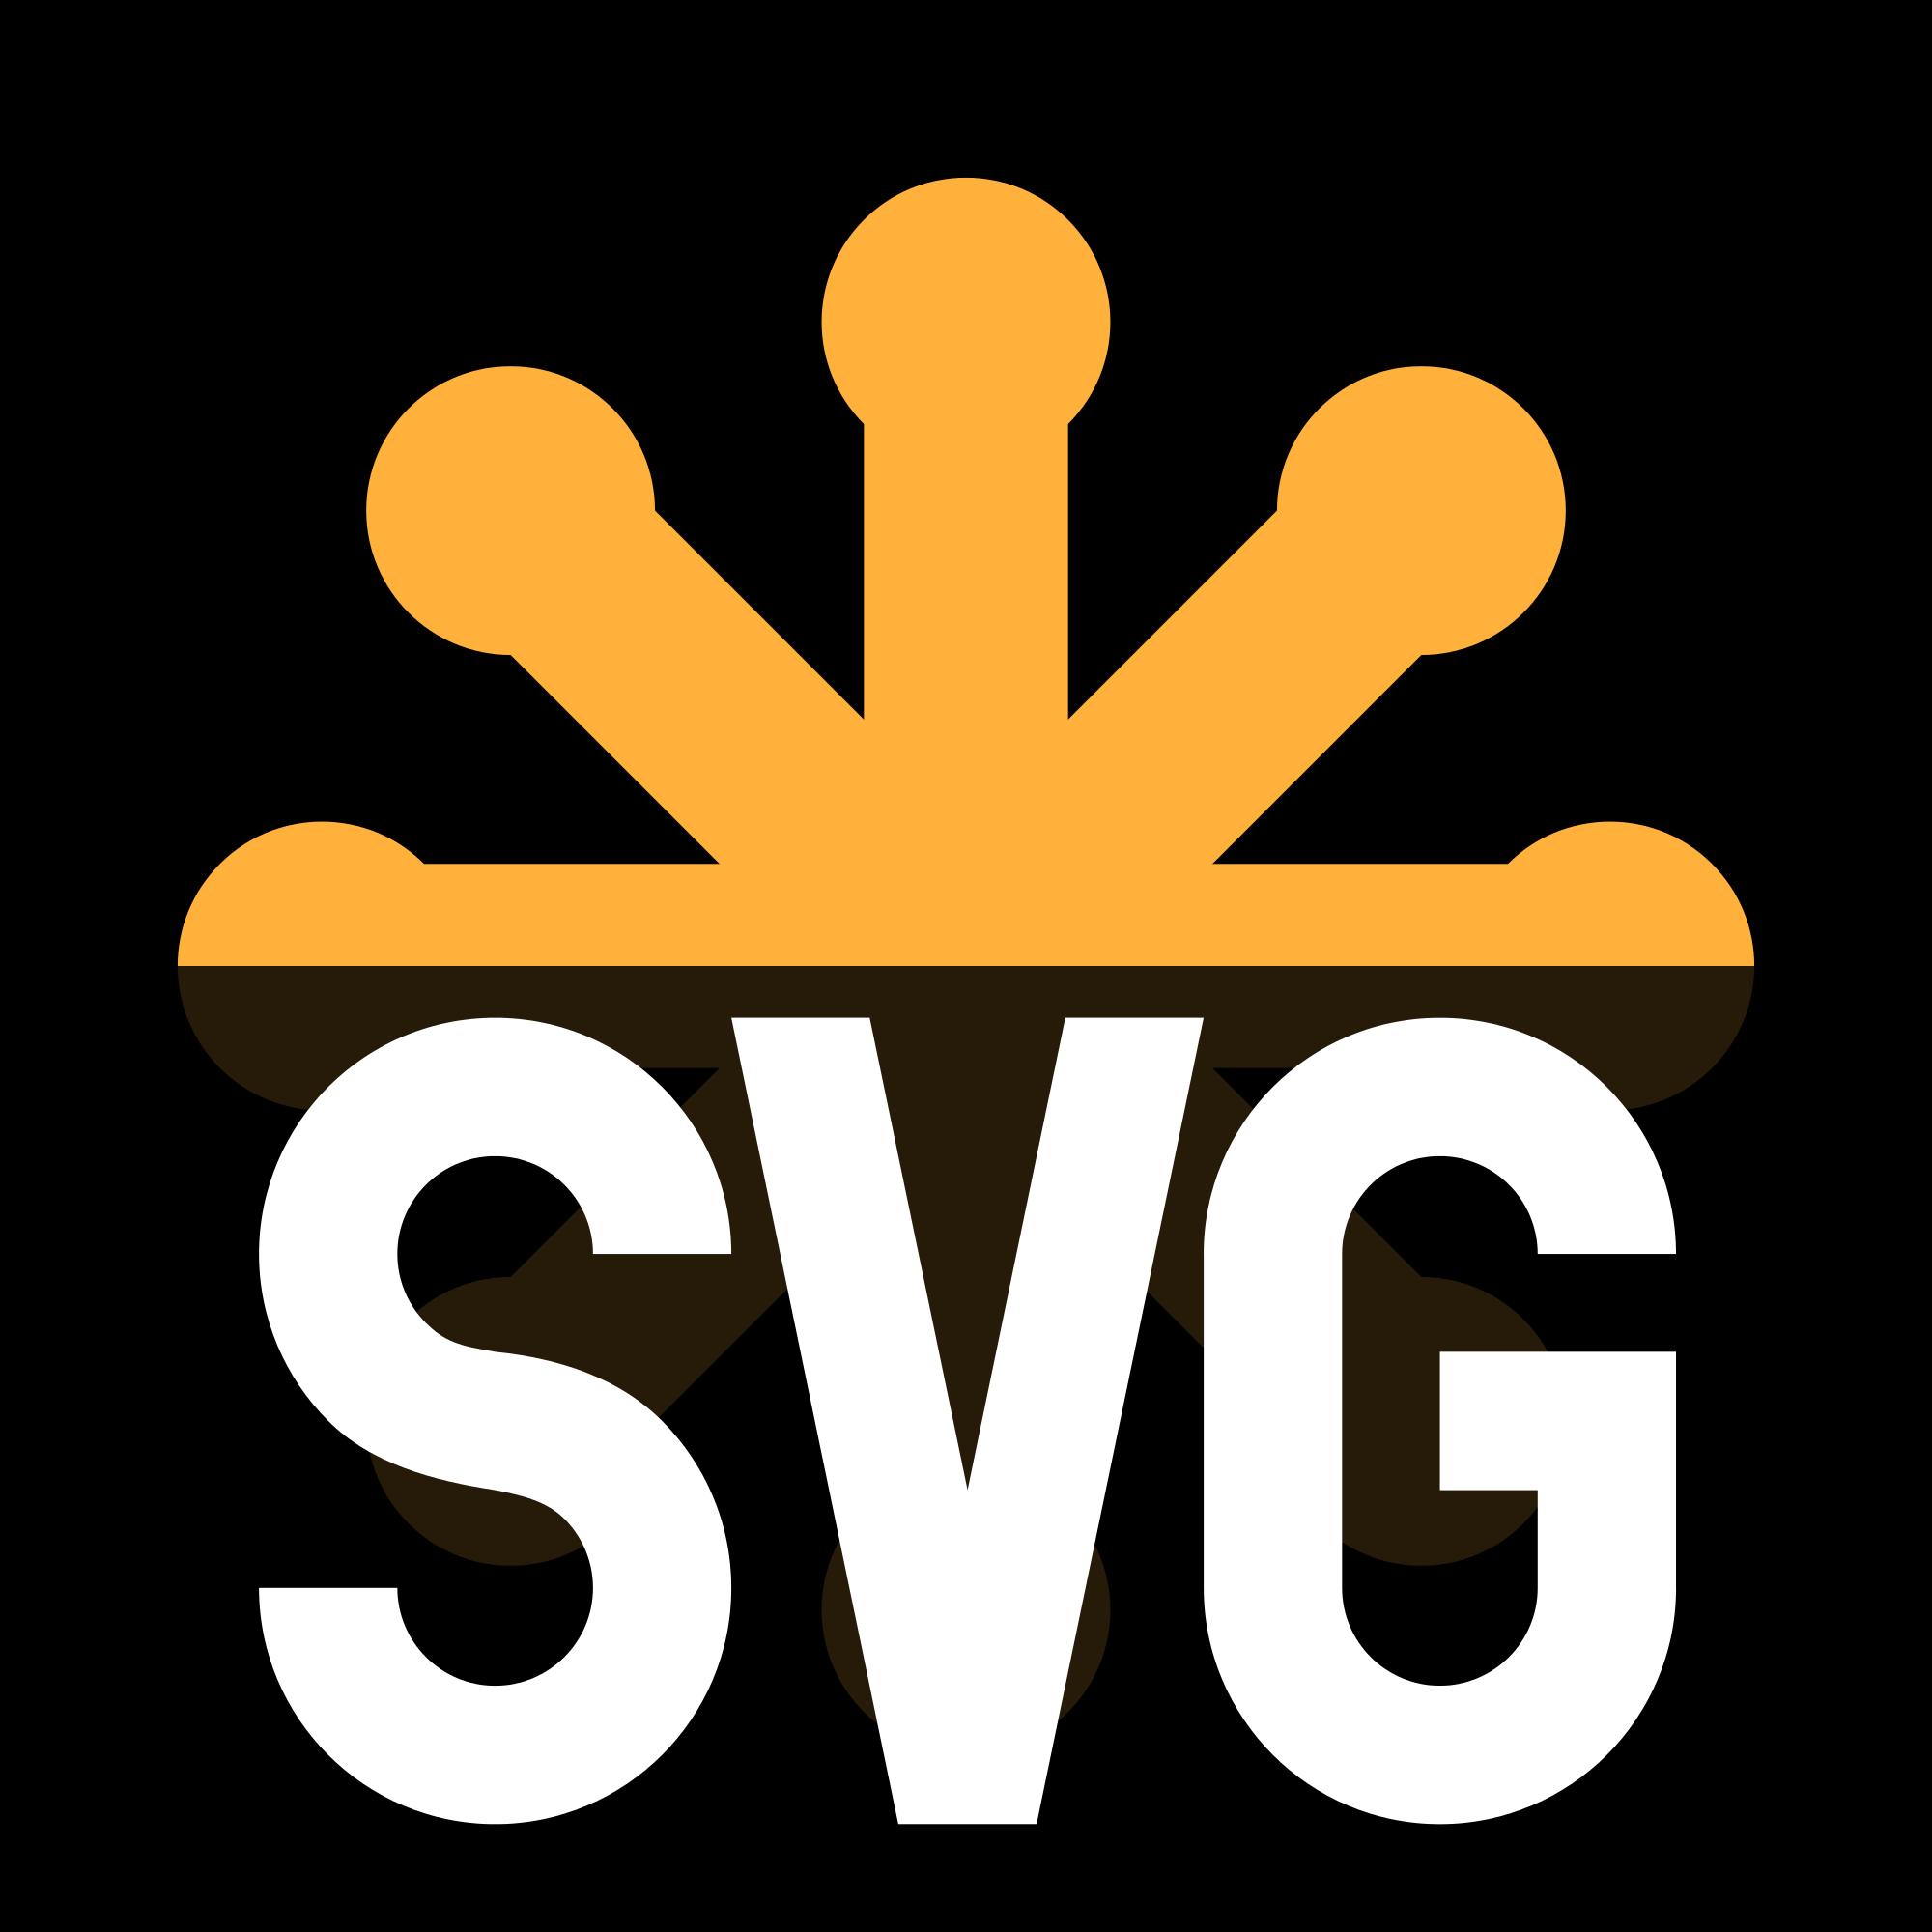 svg_logo svg